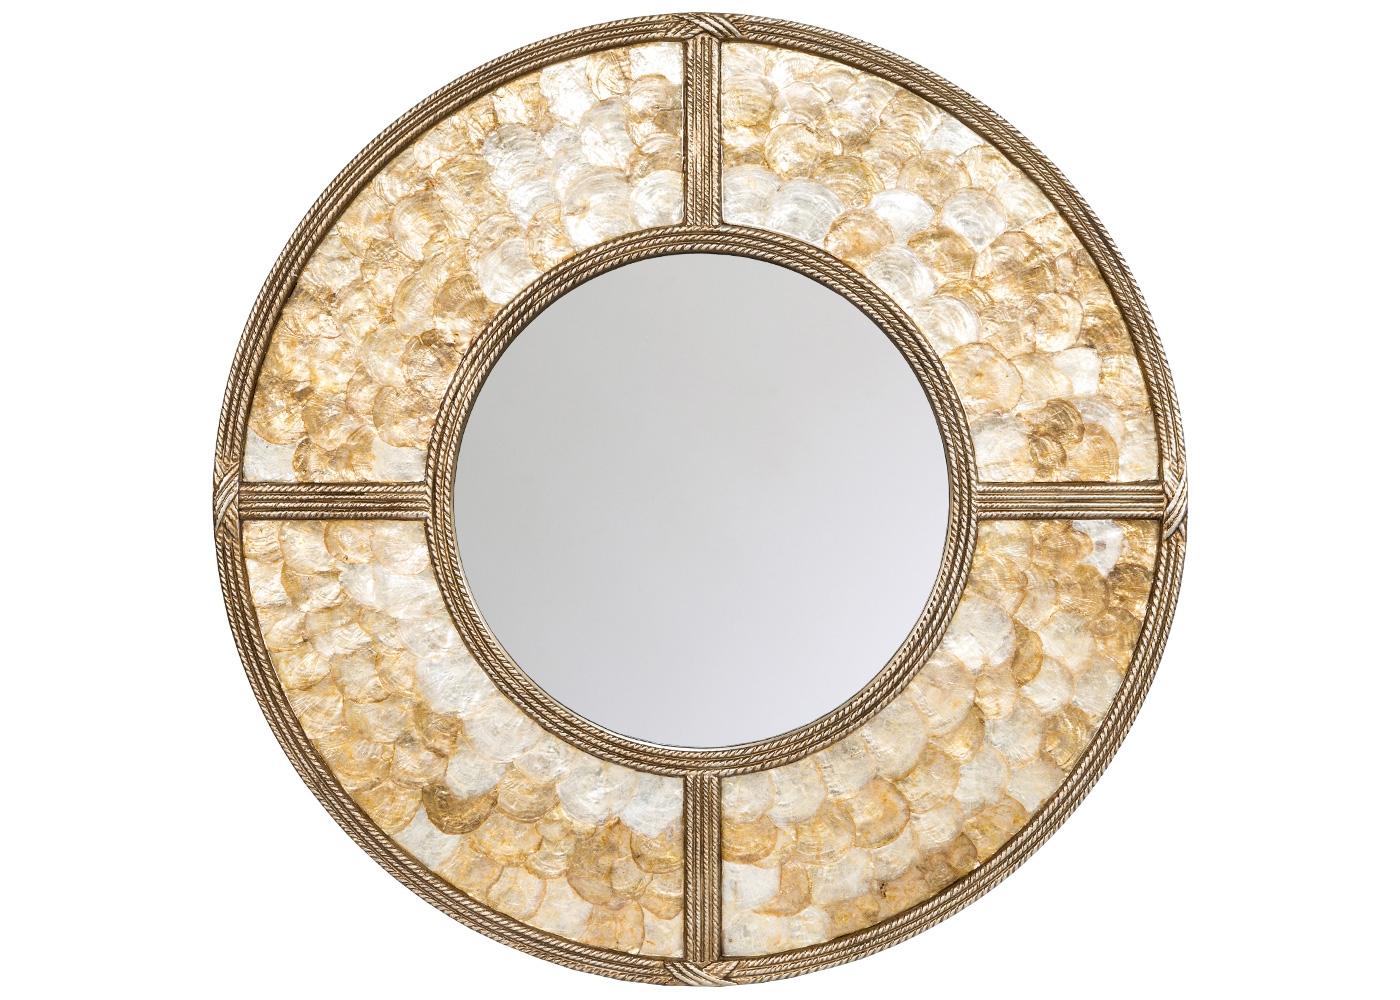 Настенное зеркало «Гринвич»Настенные зеркала<br>На сегодняшний день дизайнеры Европы поглощены филиппинским национальным ремеслом Capiz Shell, украшающим интерьеры натуральным перламутром. Перламутровые пластины - это натуральный верхний слой океанических раковин. Объемный отблеск перламутра загадочен и великолепен. Где бы Вы его ни расположили, зеркало &amp;quot;Гринвич&amp;quot;, подобно мишени, беспрекословно завоюет центр интерьерного внимания. Благородным зеркальным украшением является широкая фацетная грань, задающая эффект объема и подсветки.<br><br>Material: Полиуретан